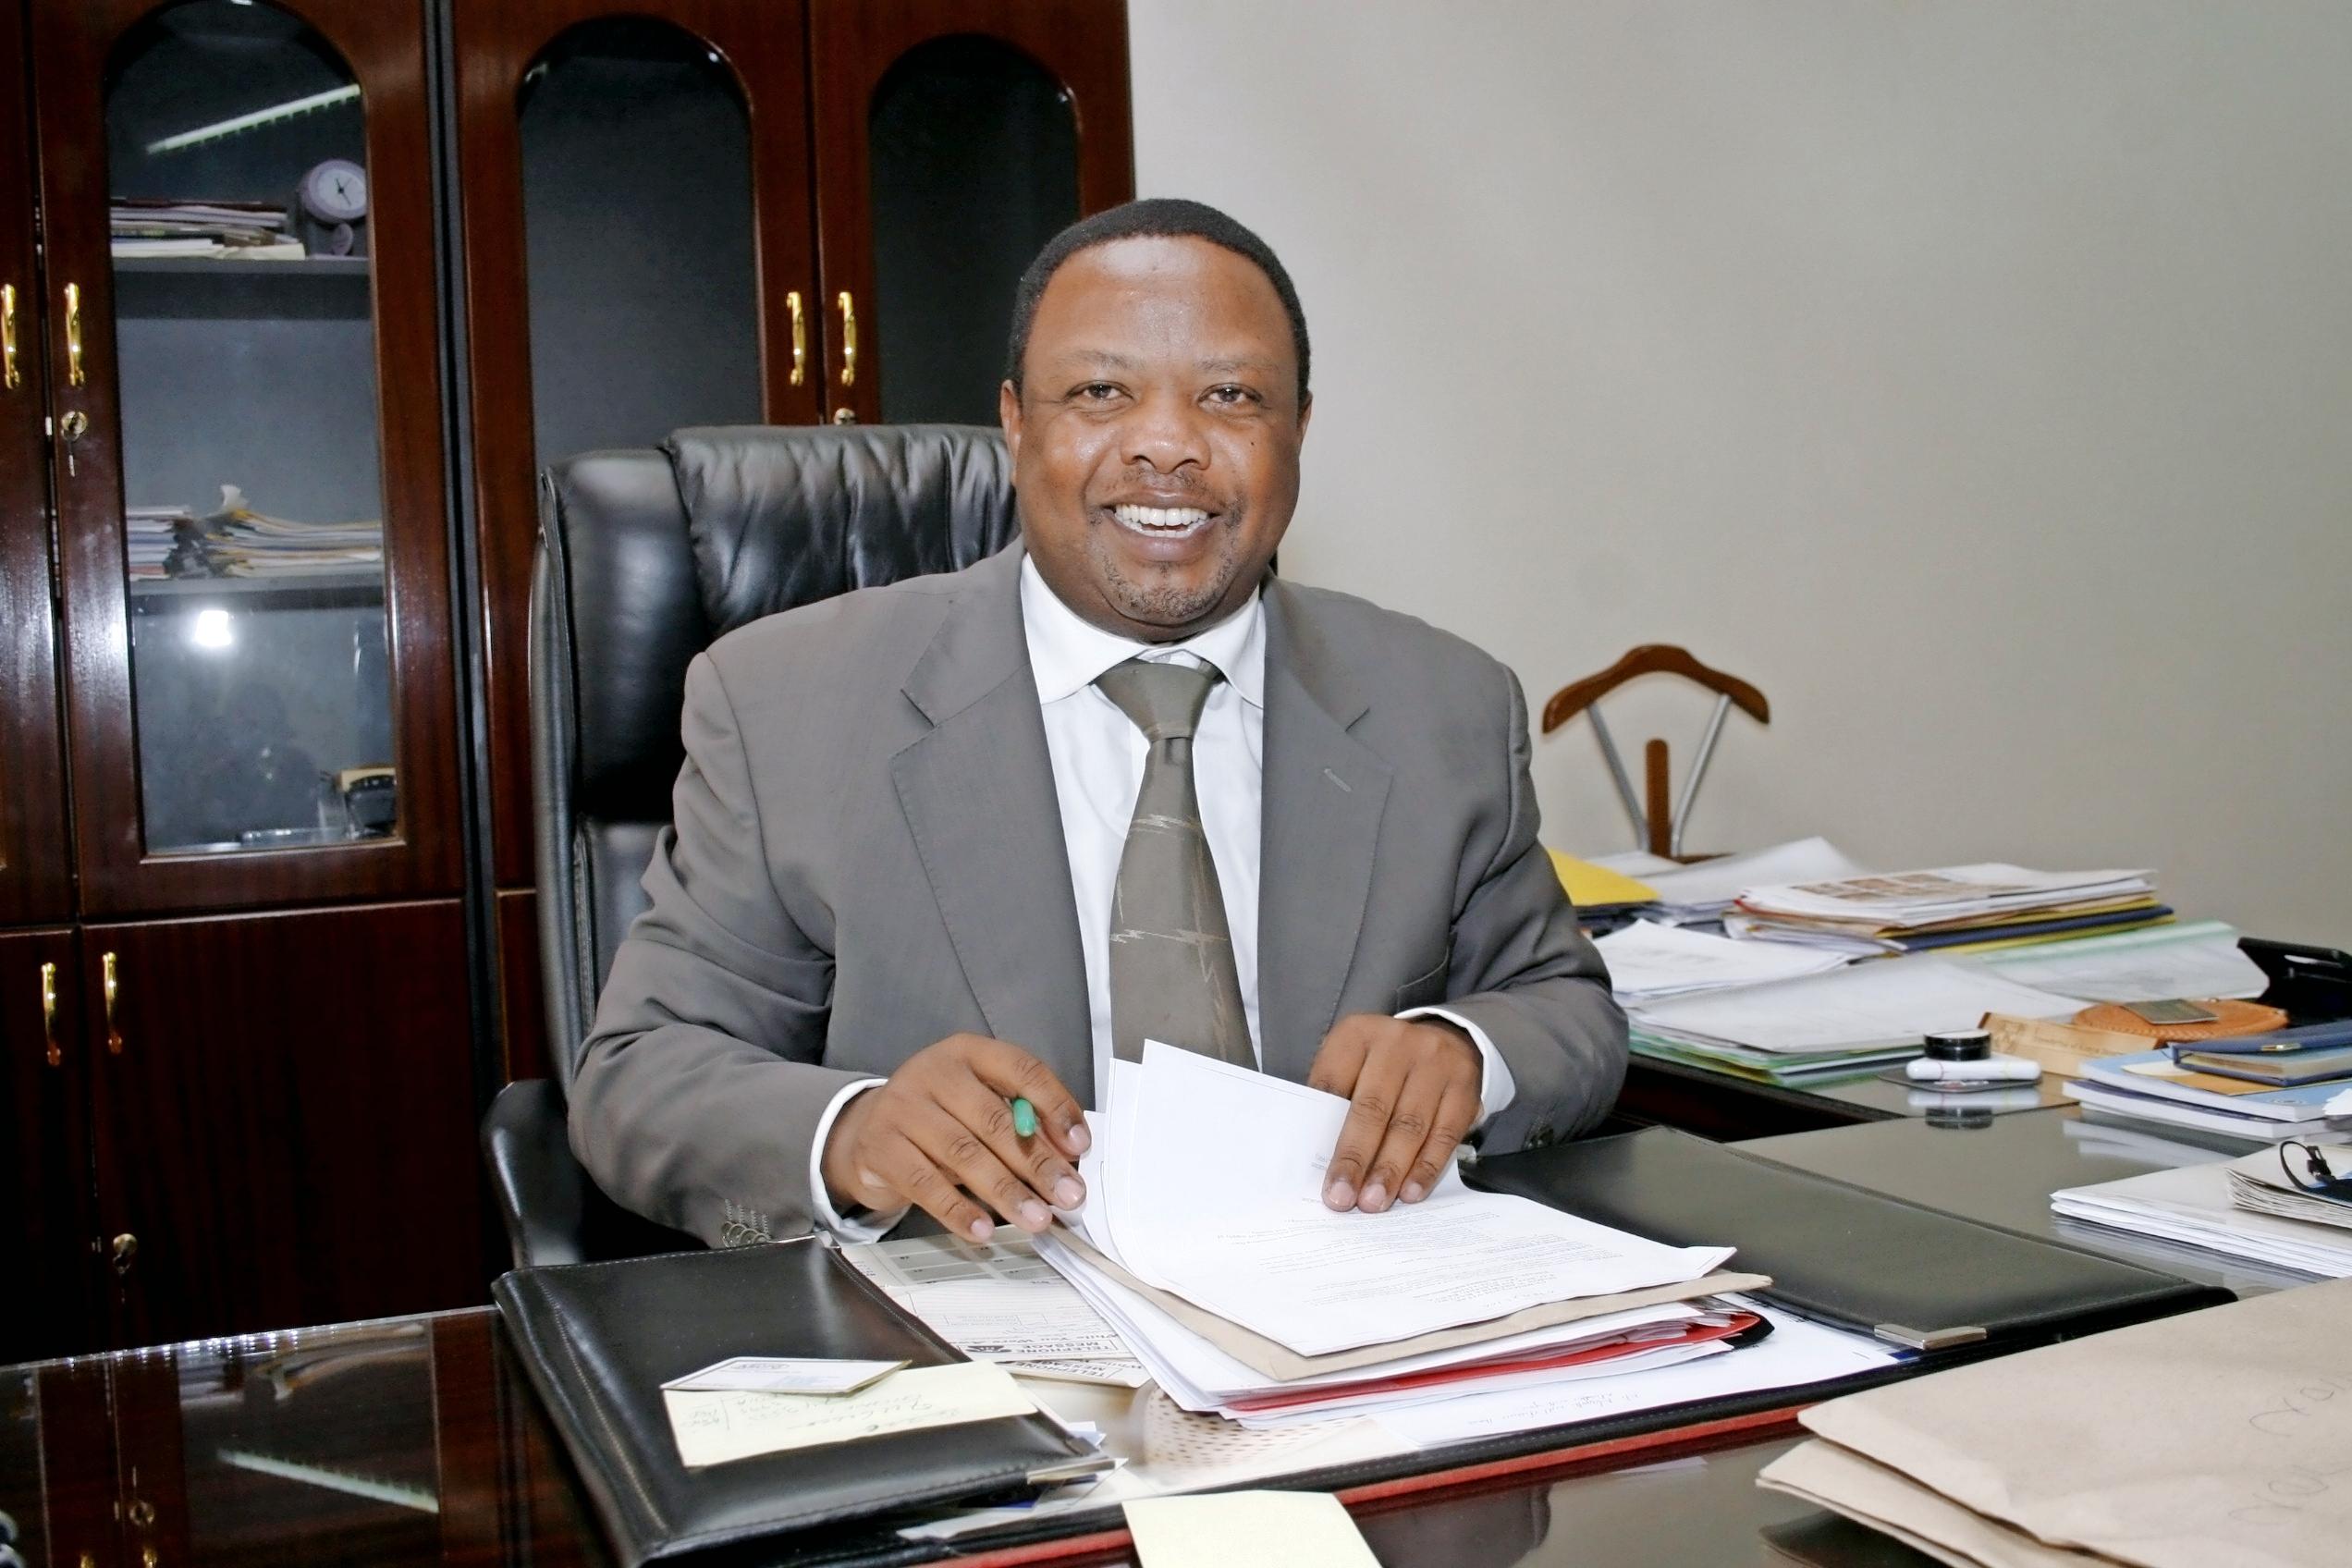 DP Ruto's Chief of Staff Ken Osinde